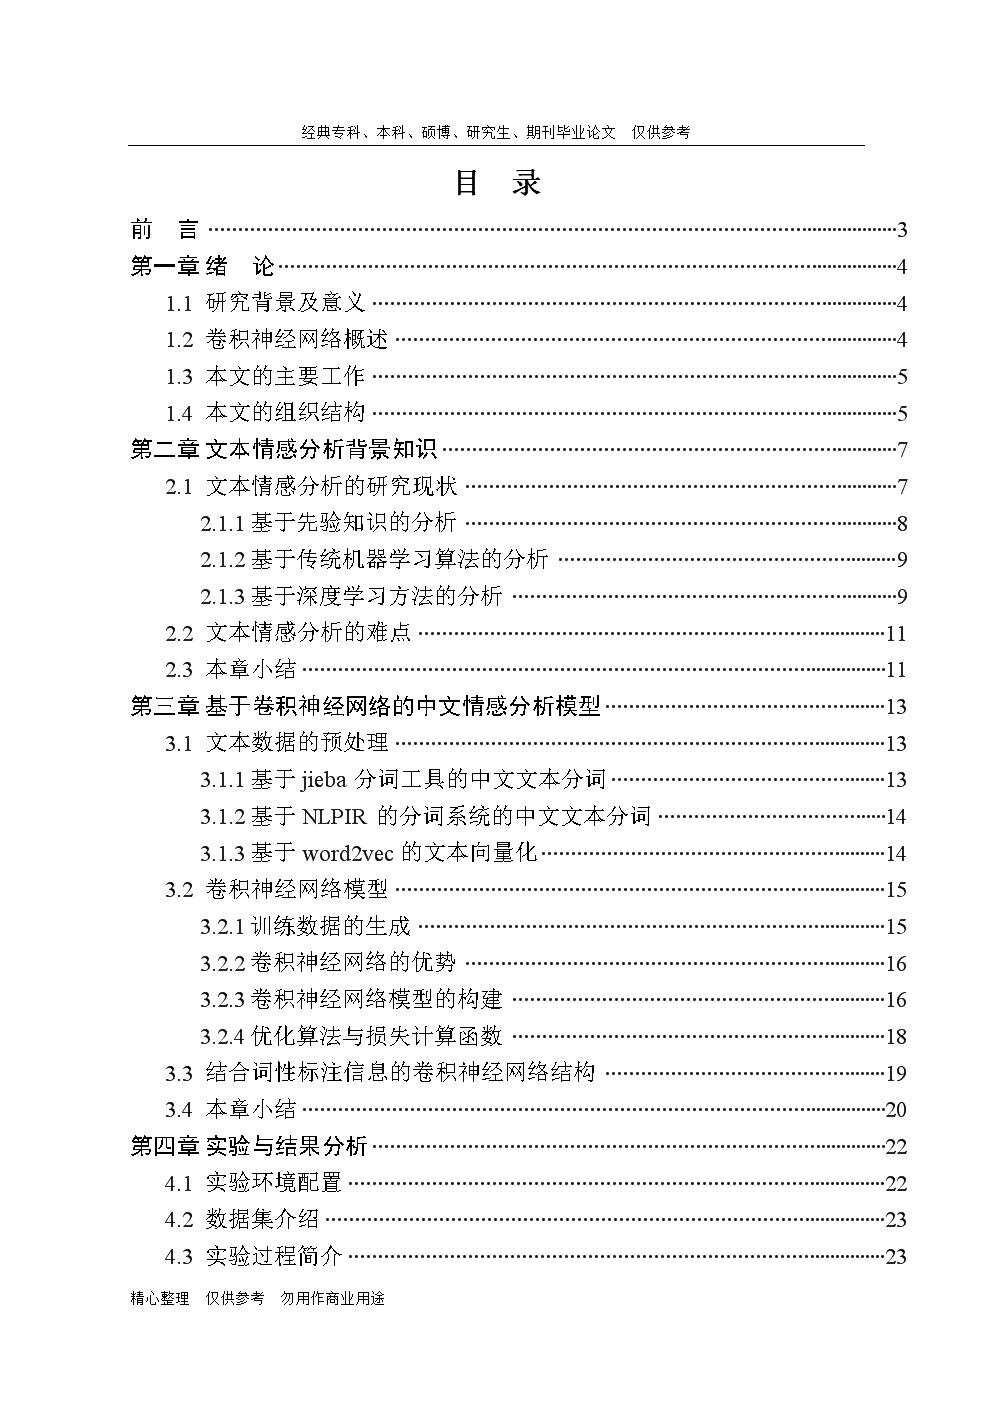 基于卷积神经网络的中文情感分析.docx